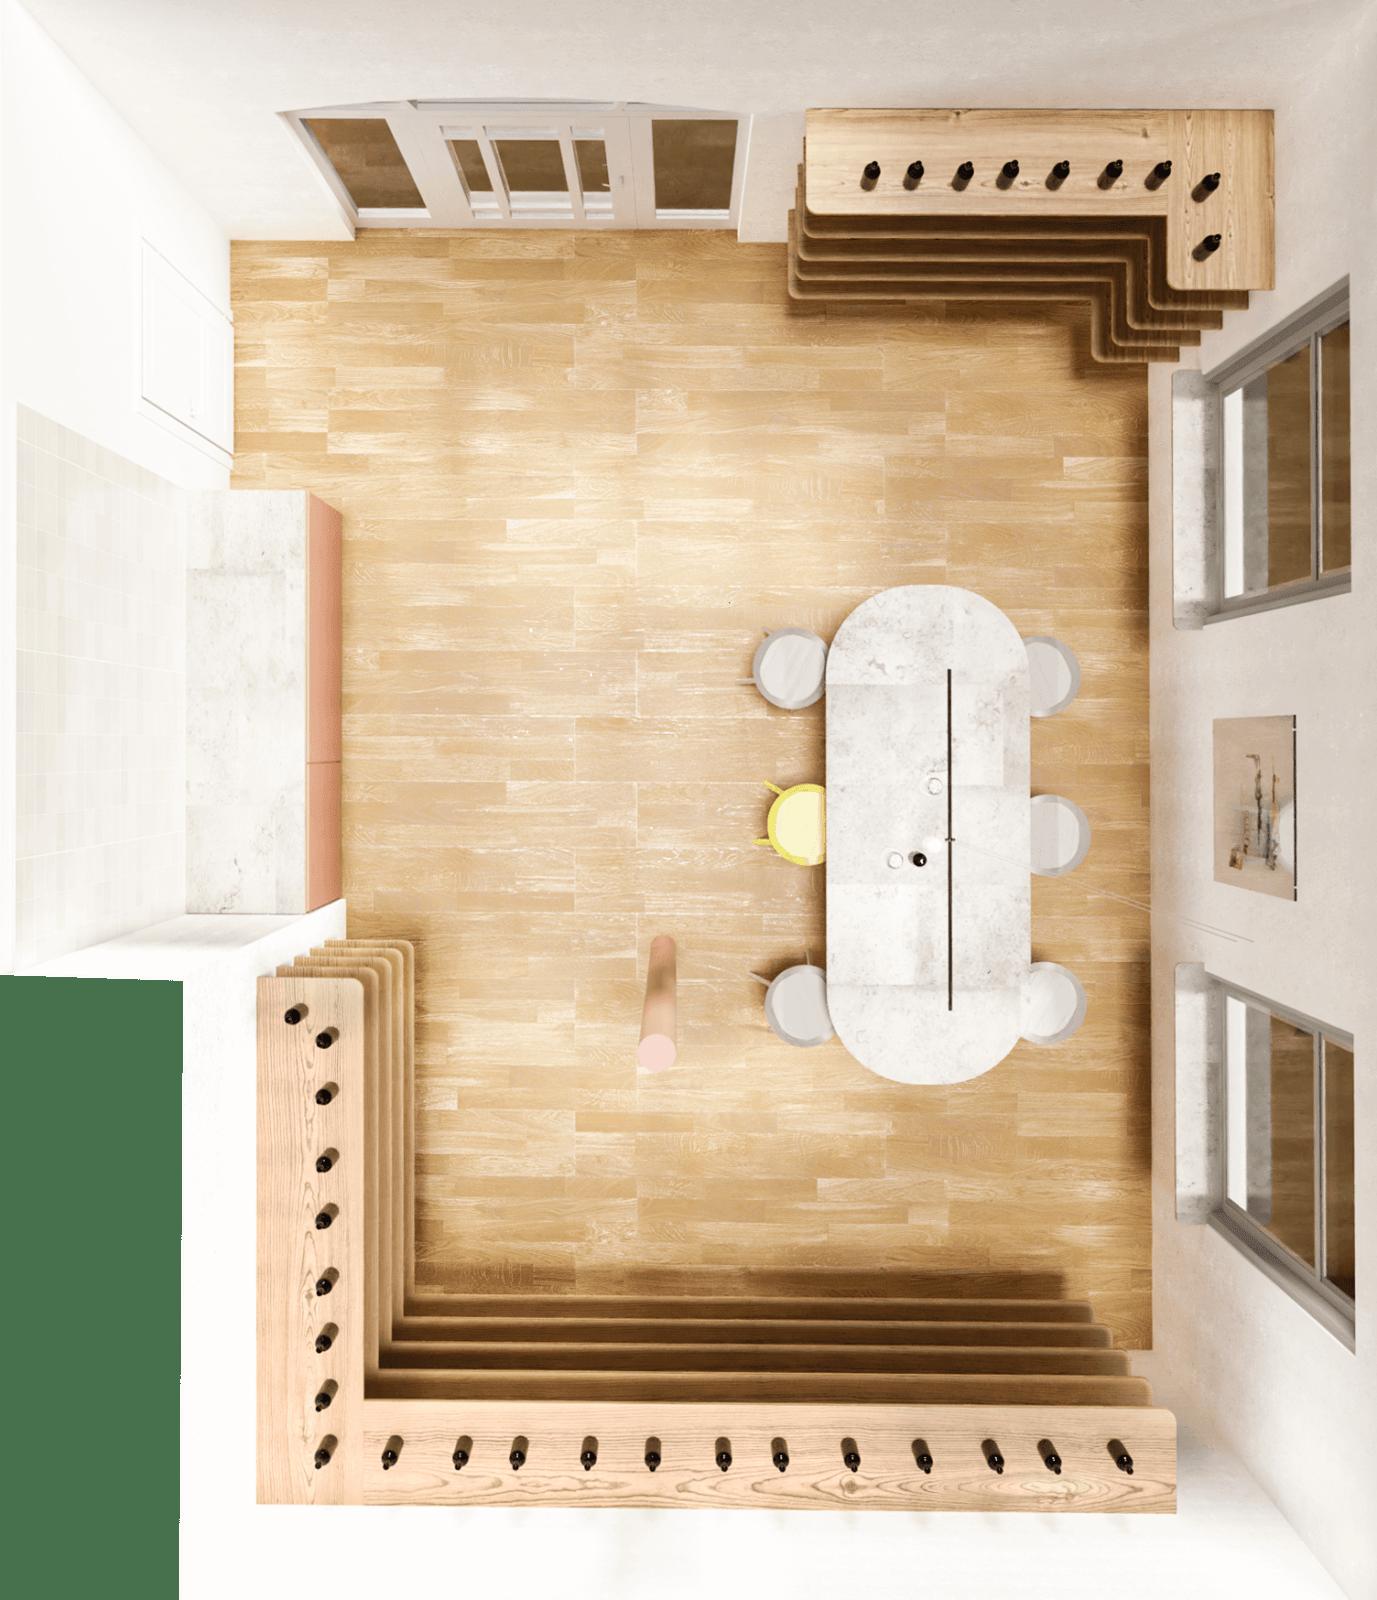 Sinn_Weine_Interiordesign3-2